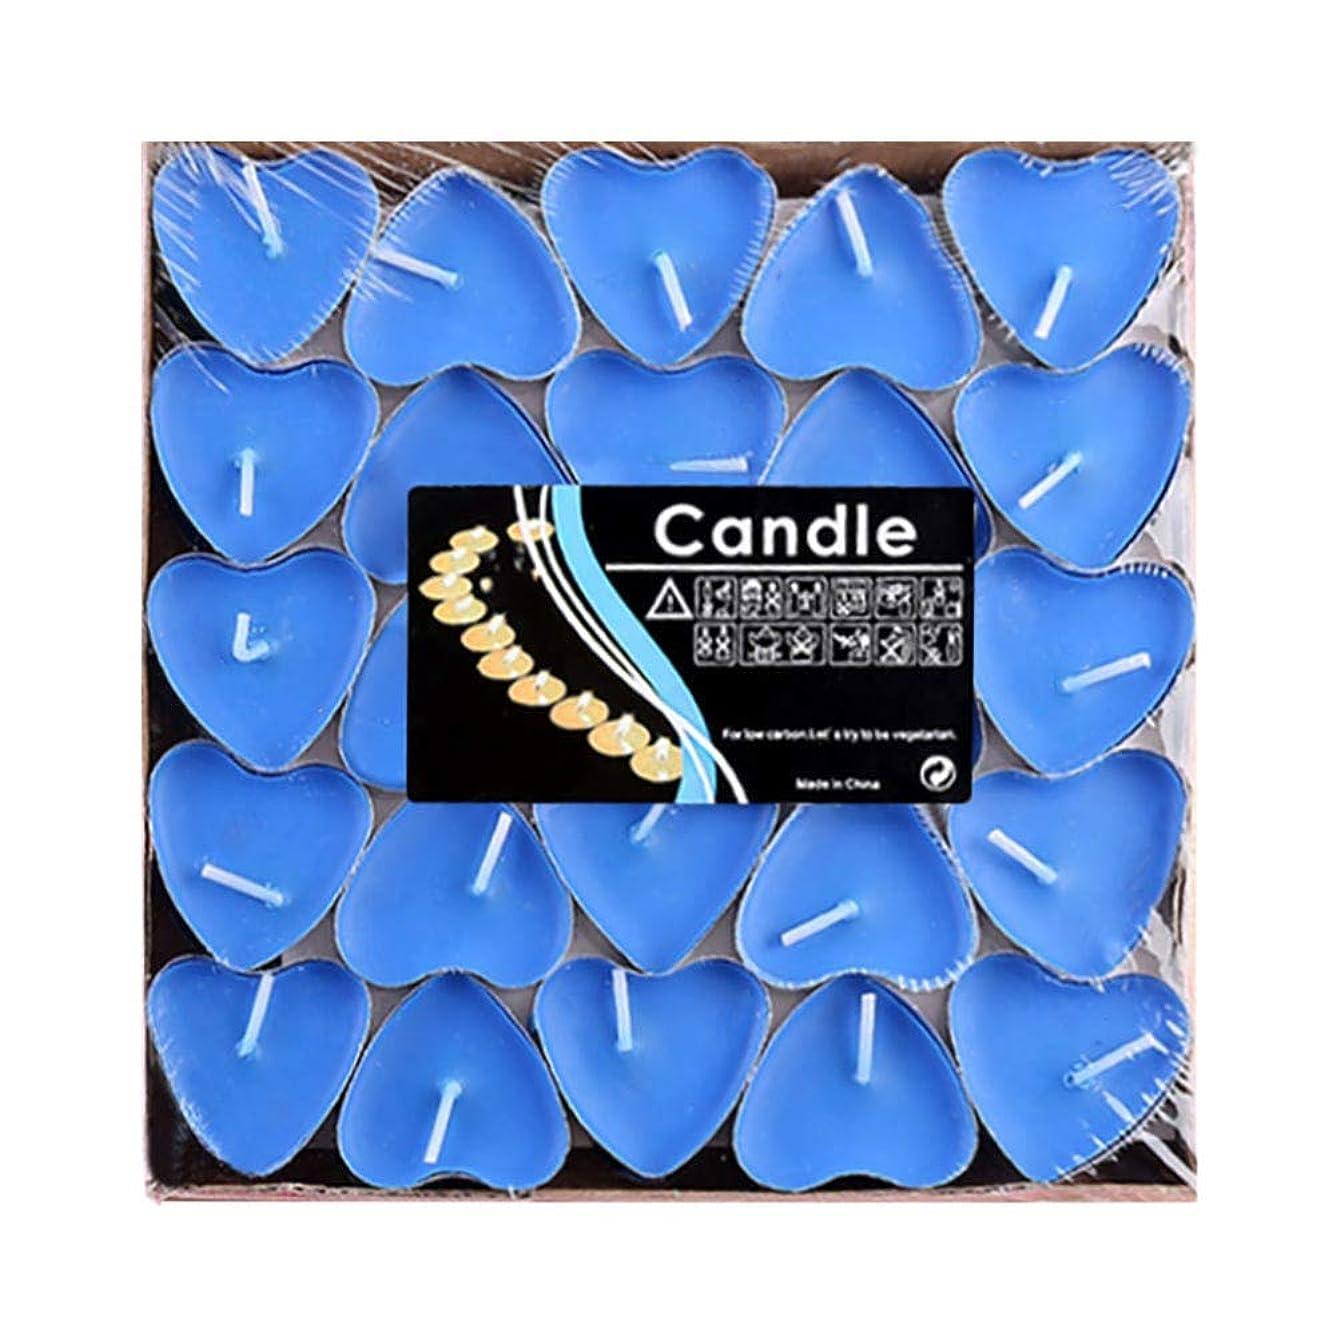 自伝無限大検索Hwagui ハート型 キャンドル 人気 アロマキャンドル 芳醇で キャンドル ロマンス、愛の告白、キャンドル 50個 2時間 ZH009